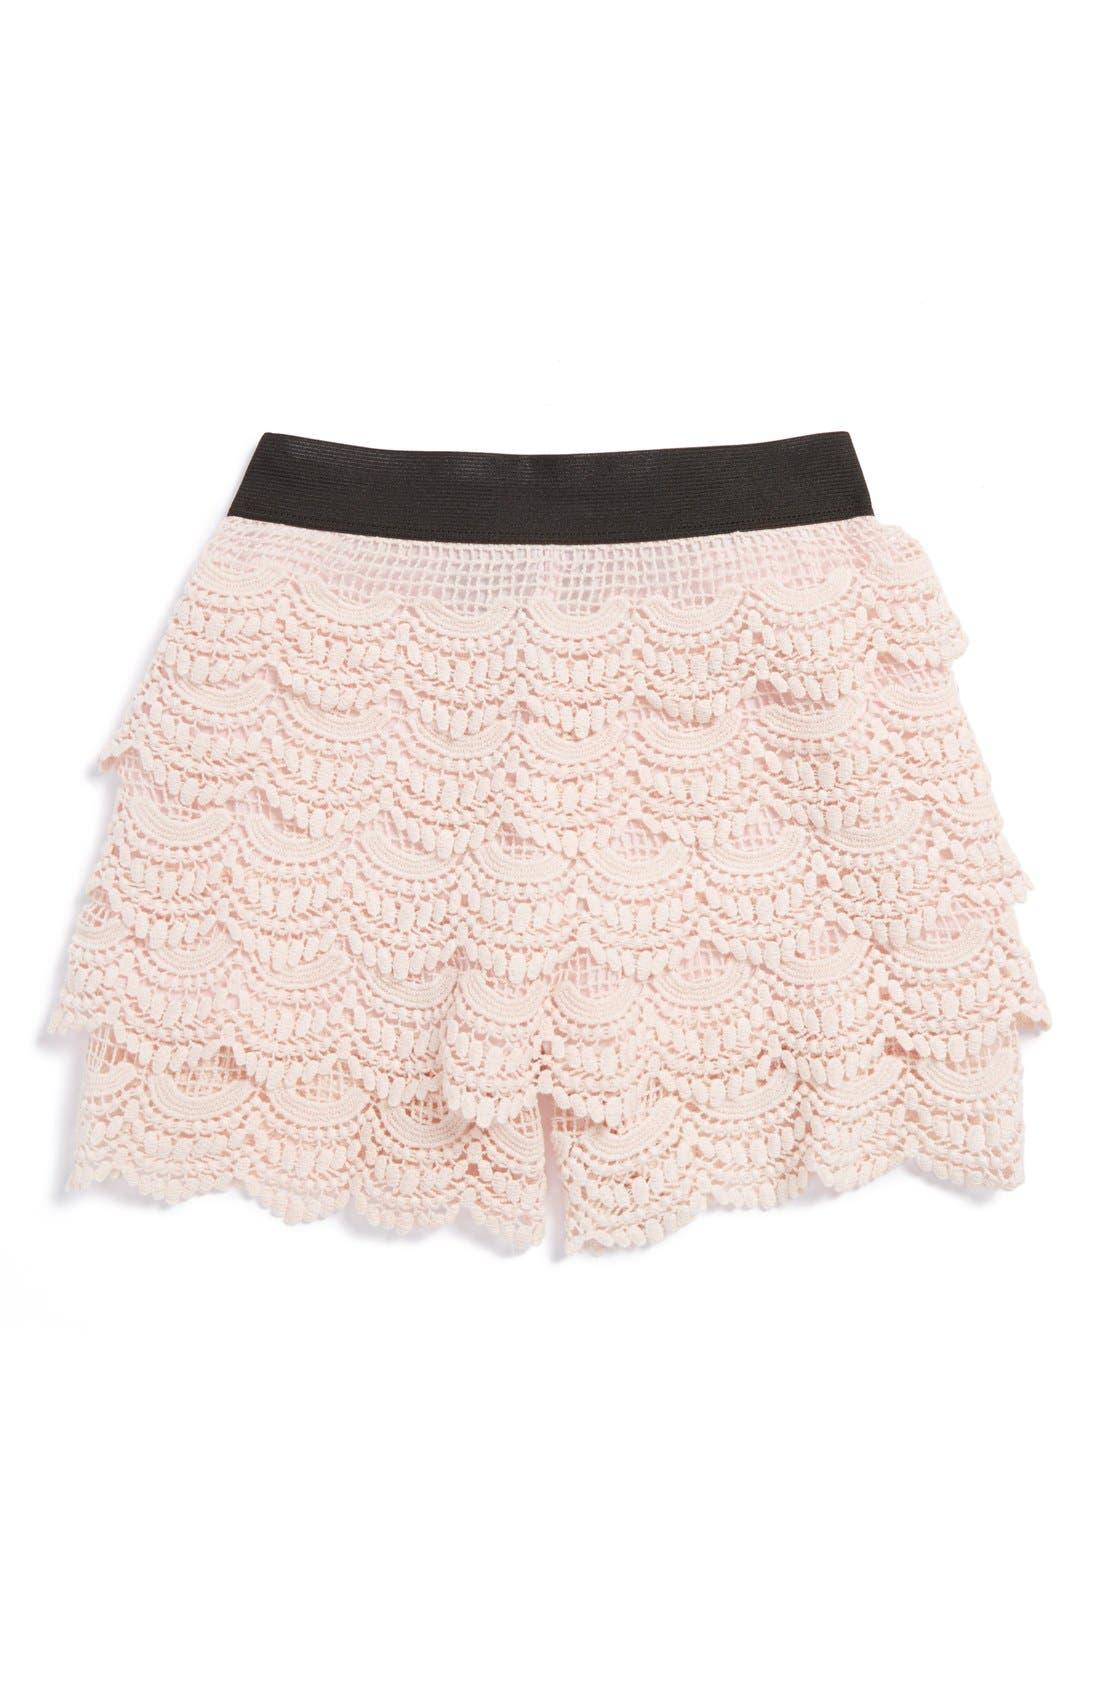 Main Image - Un Deux Trois Lacy Crochet Shorts (Big Girls)